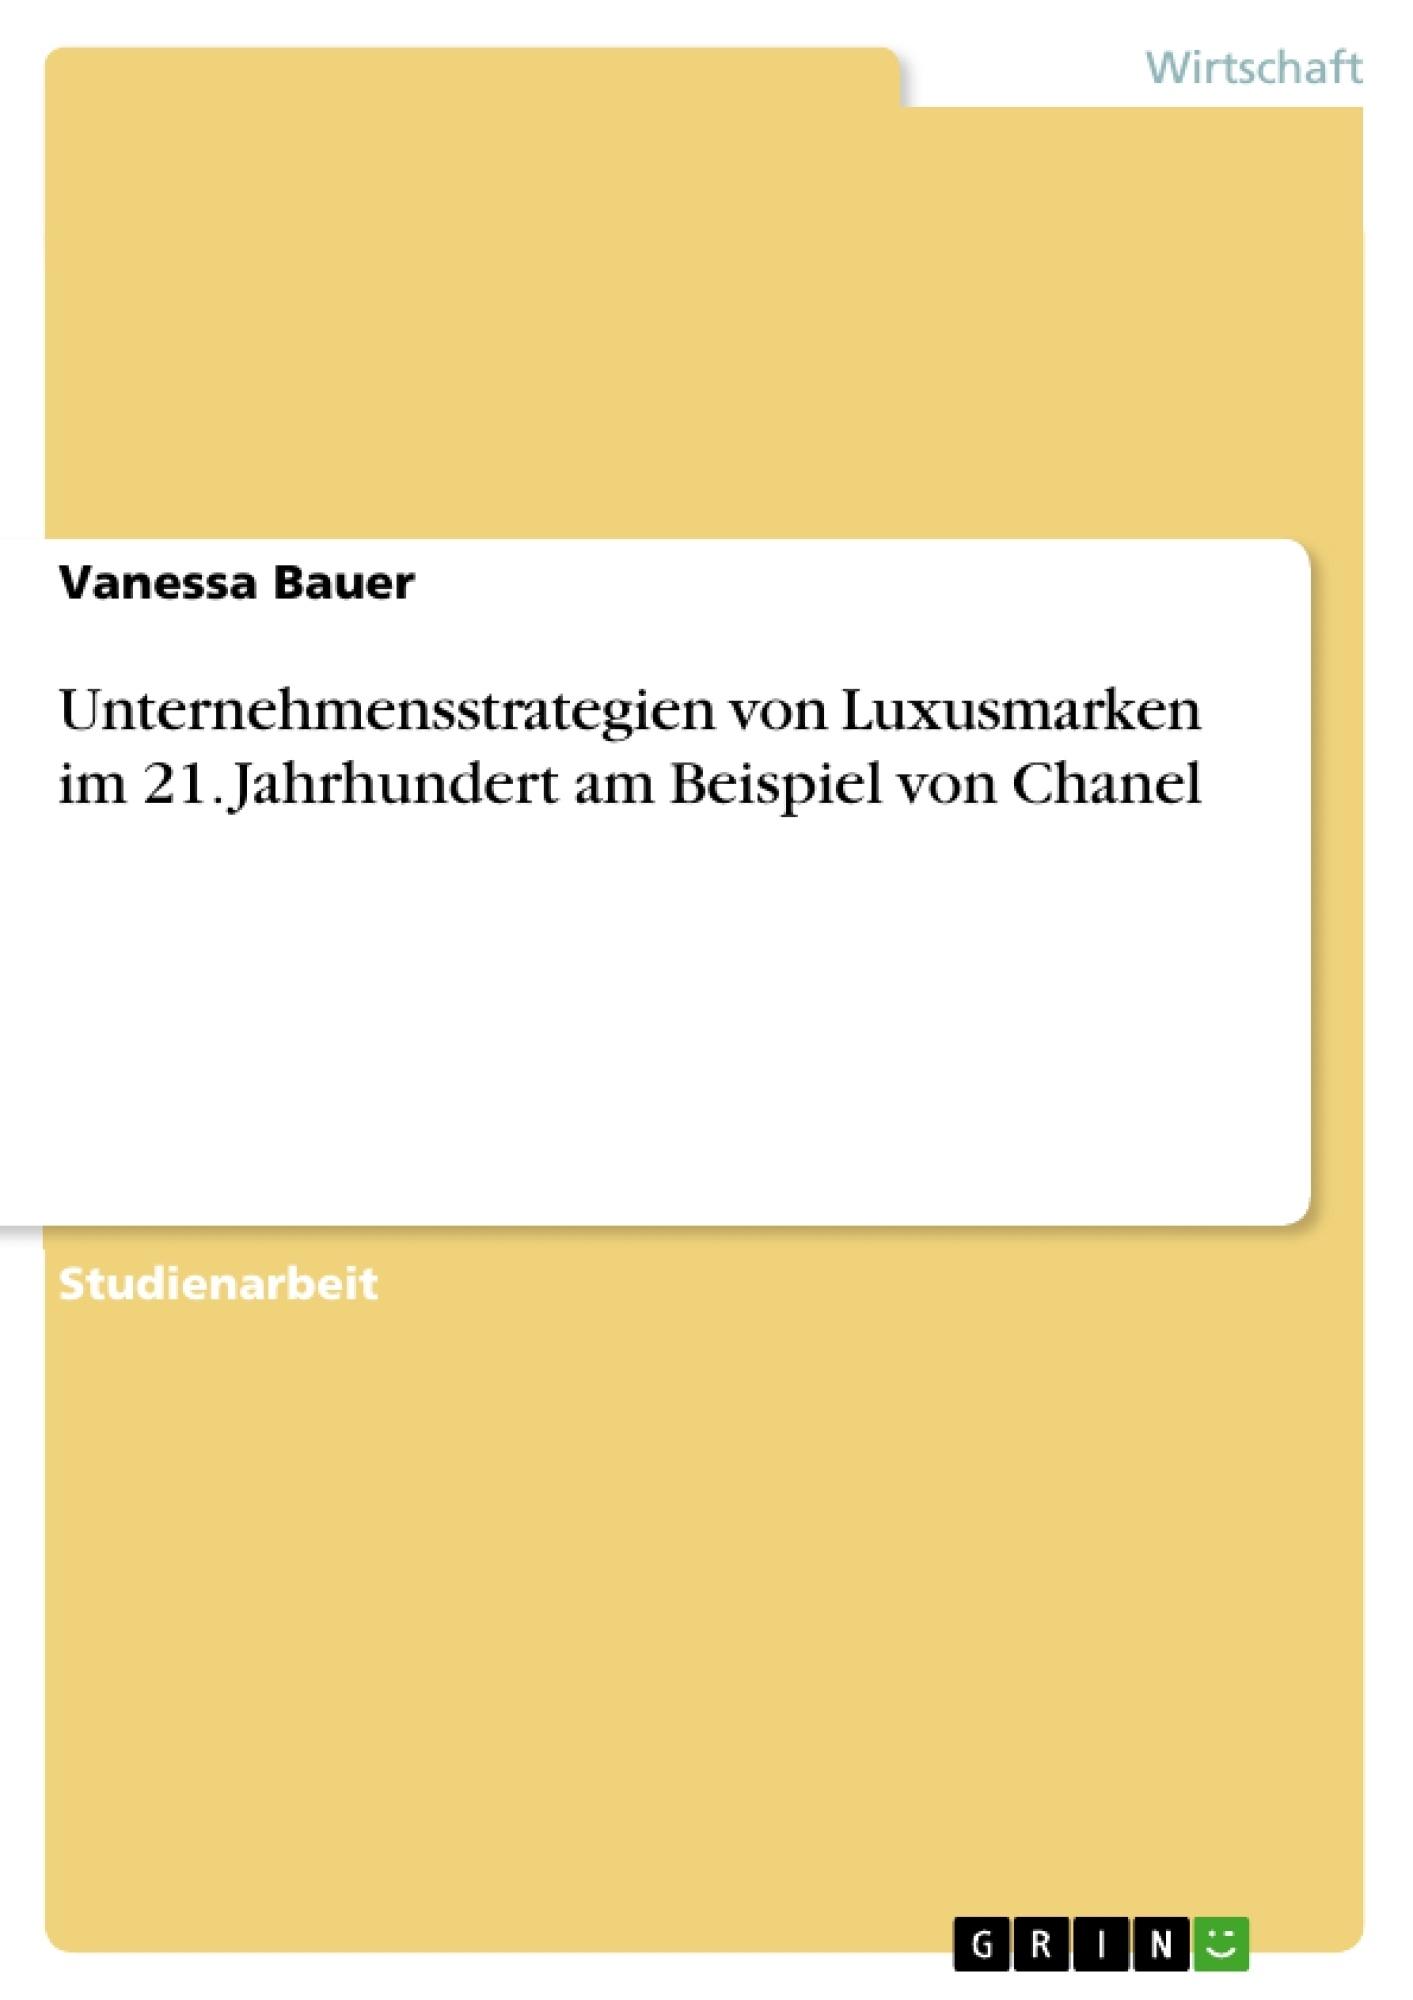 Titel: Unternehmensstrategien von Luxusmarken im 21. Jahrhundert am Beispiel von Chanel